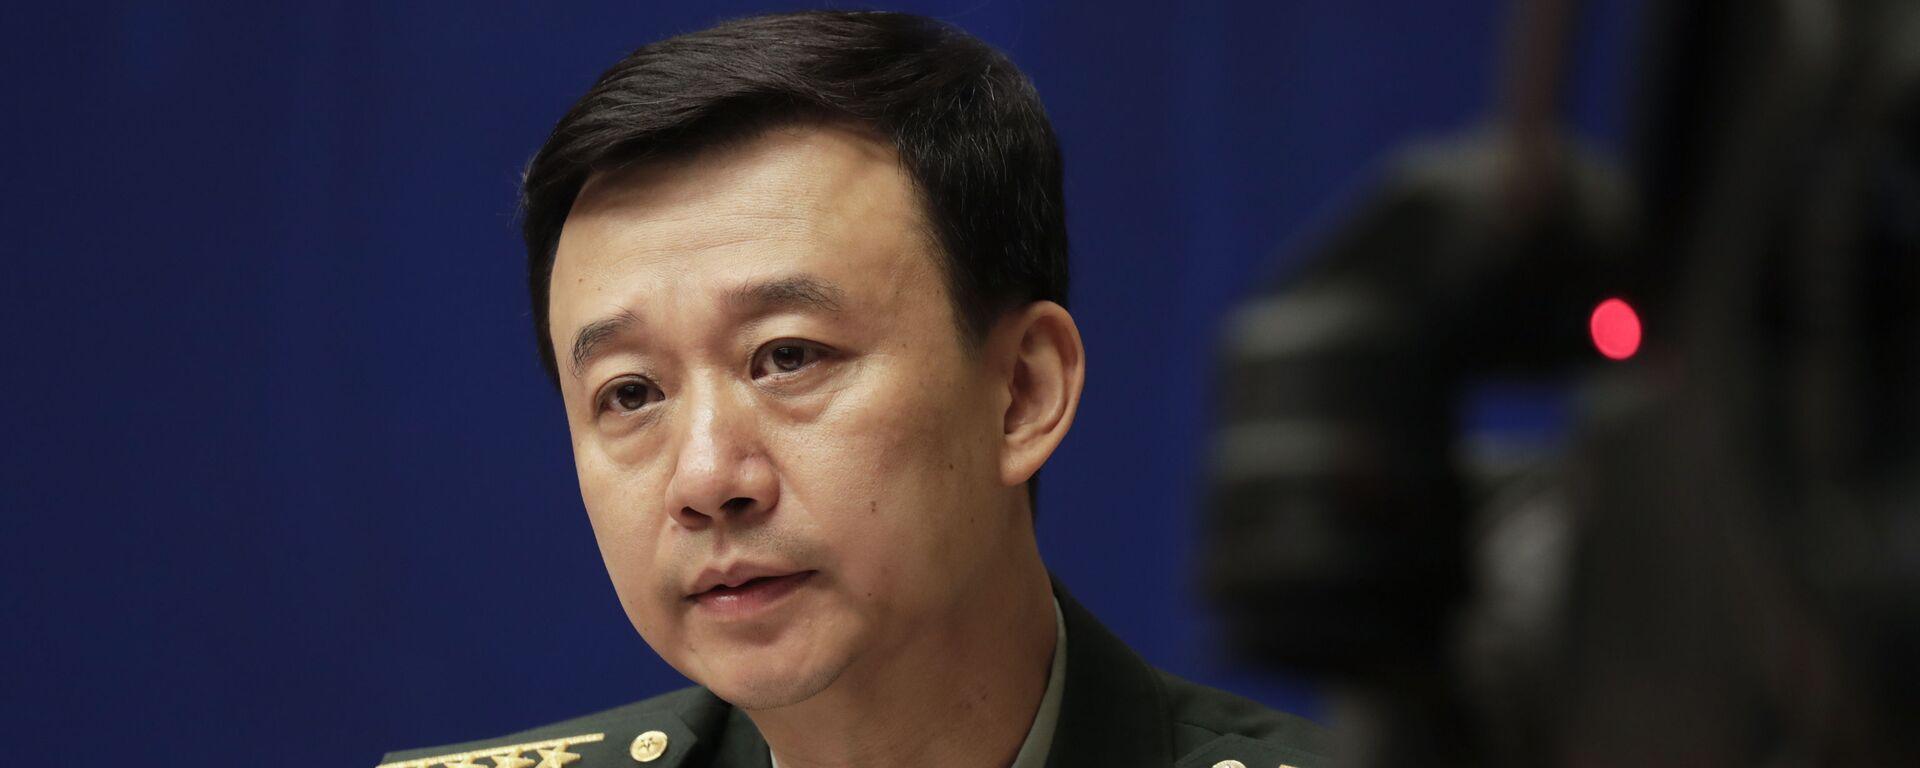 Người phát ngôn Bộ Quốc phòng Trung Quốc Wu Qian - Sputnik Việt Nam, 1920, 30.09.2021